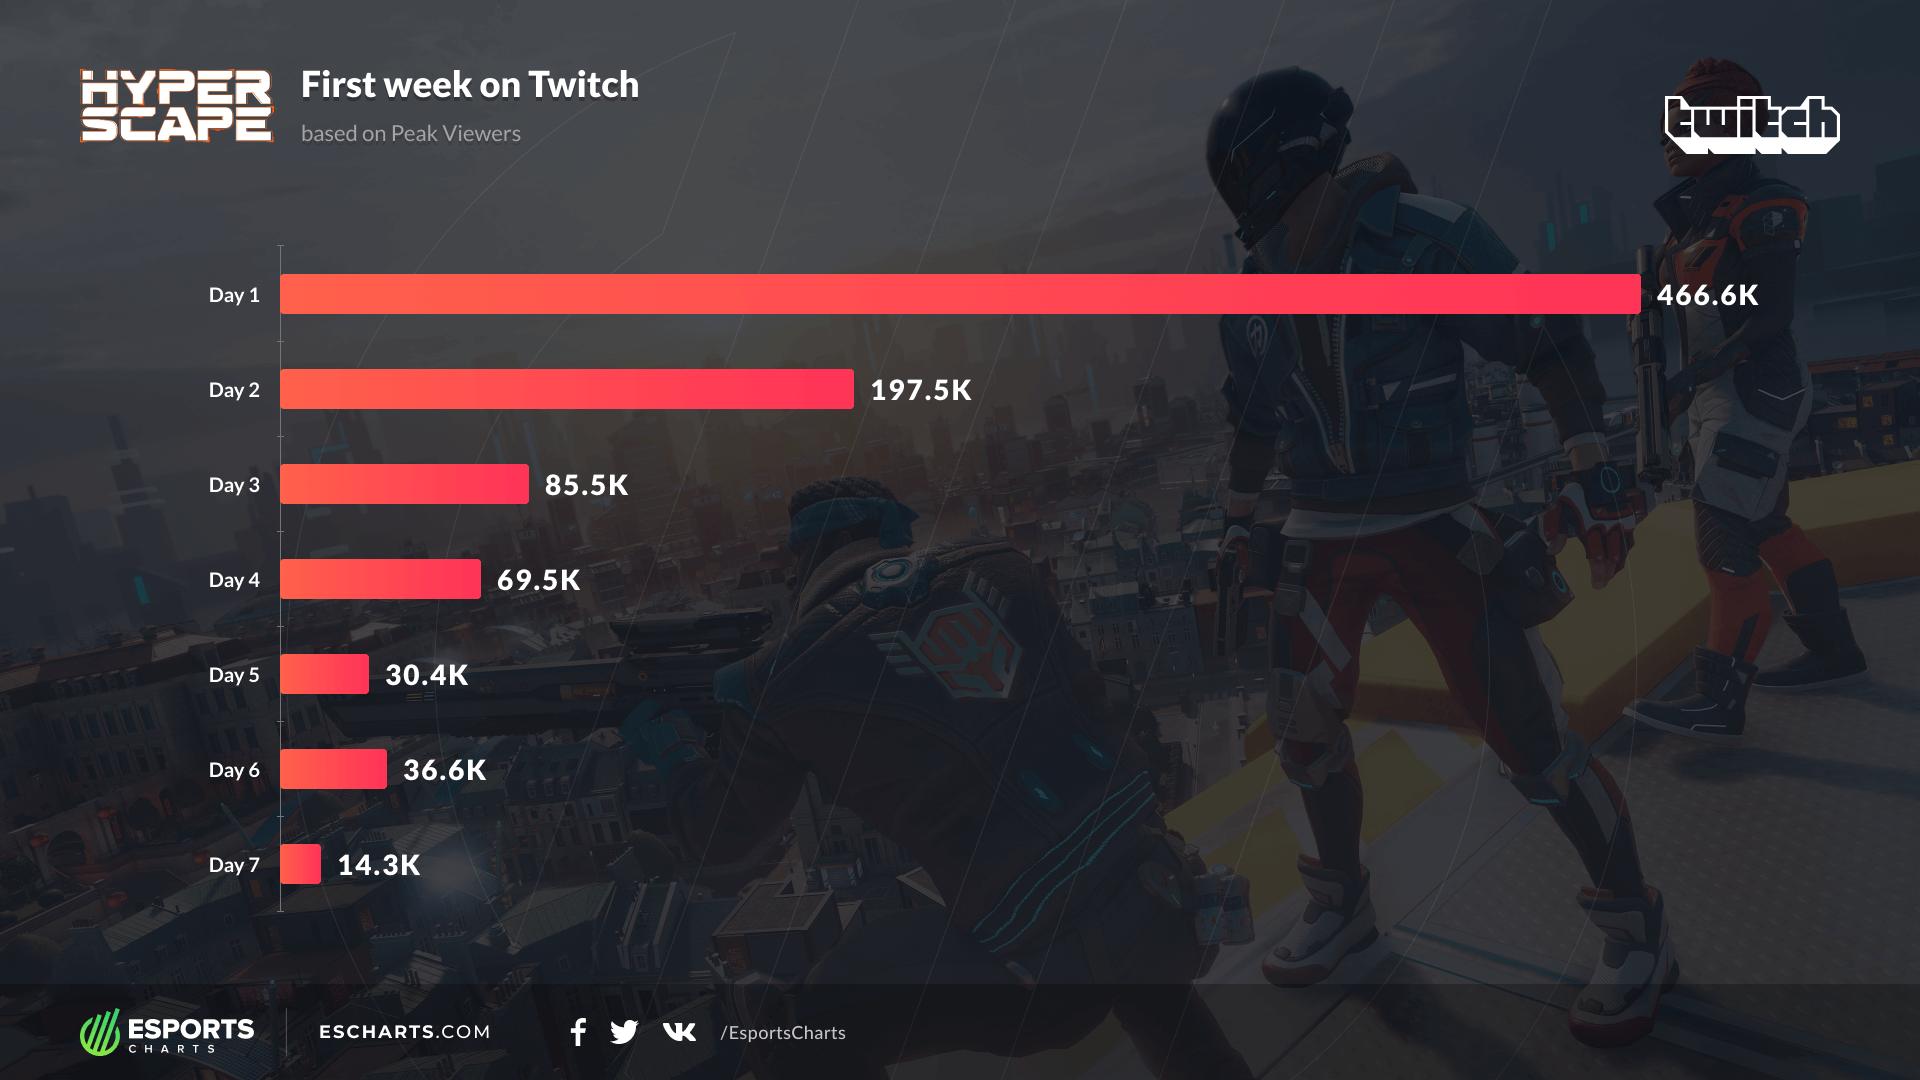 количество зрителей на Twitch.tv в первую неделю релиза игры по дням